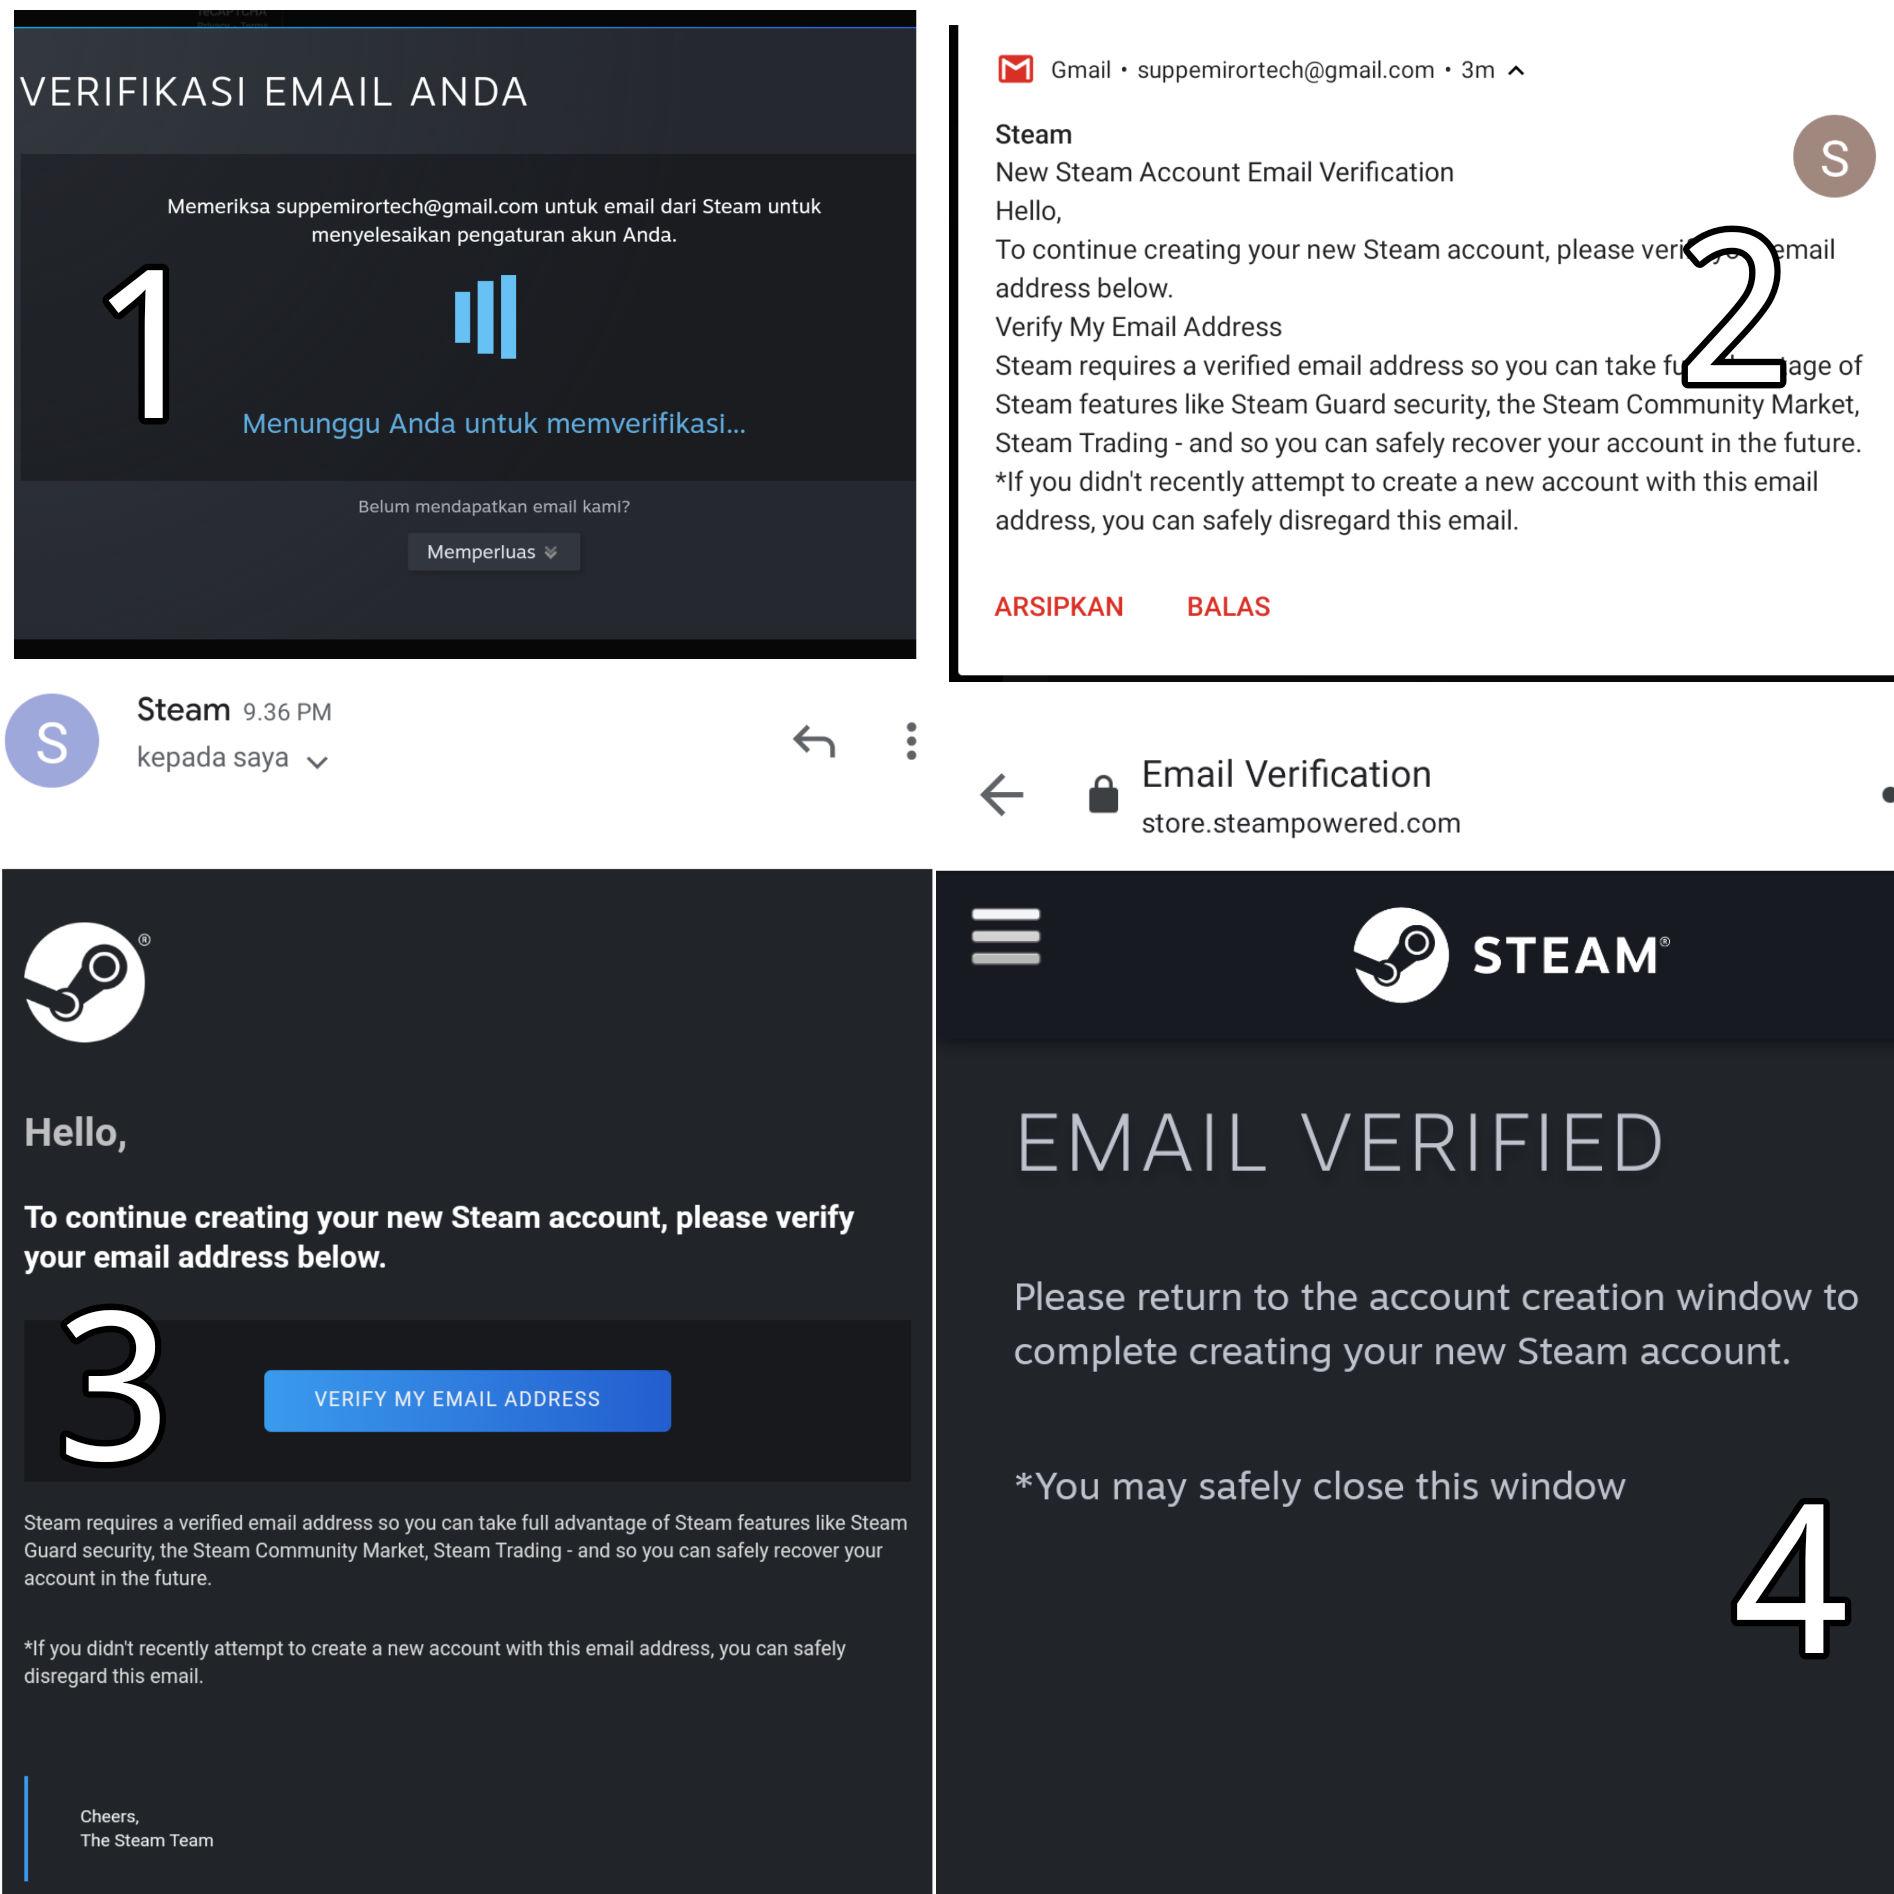 Verifikasikan Email Anda